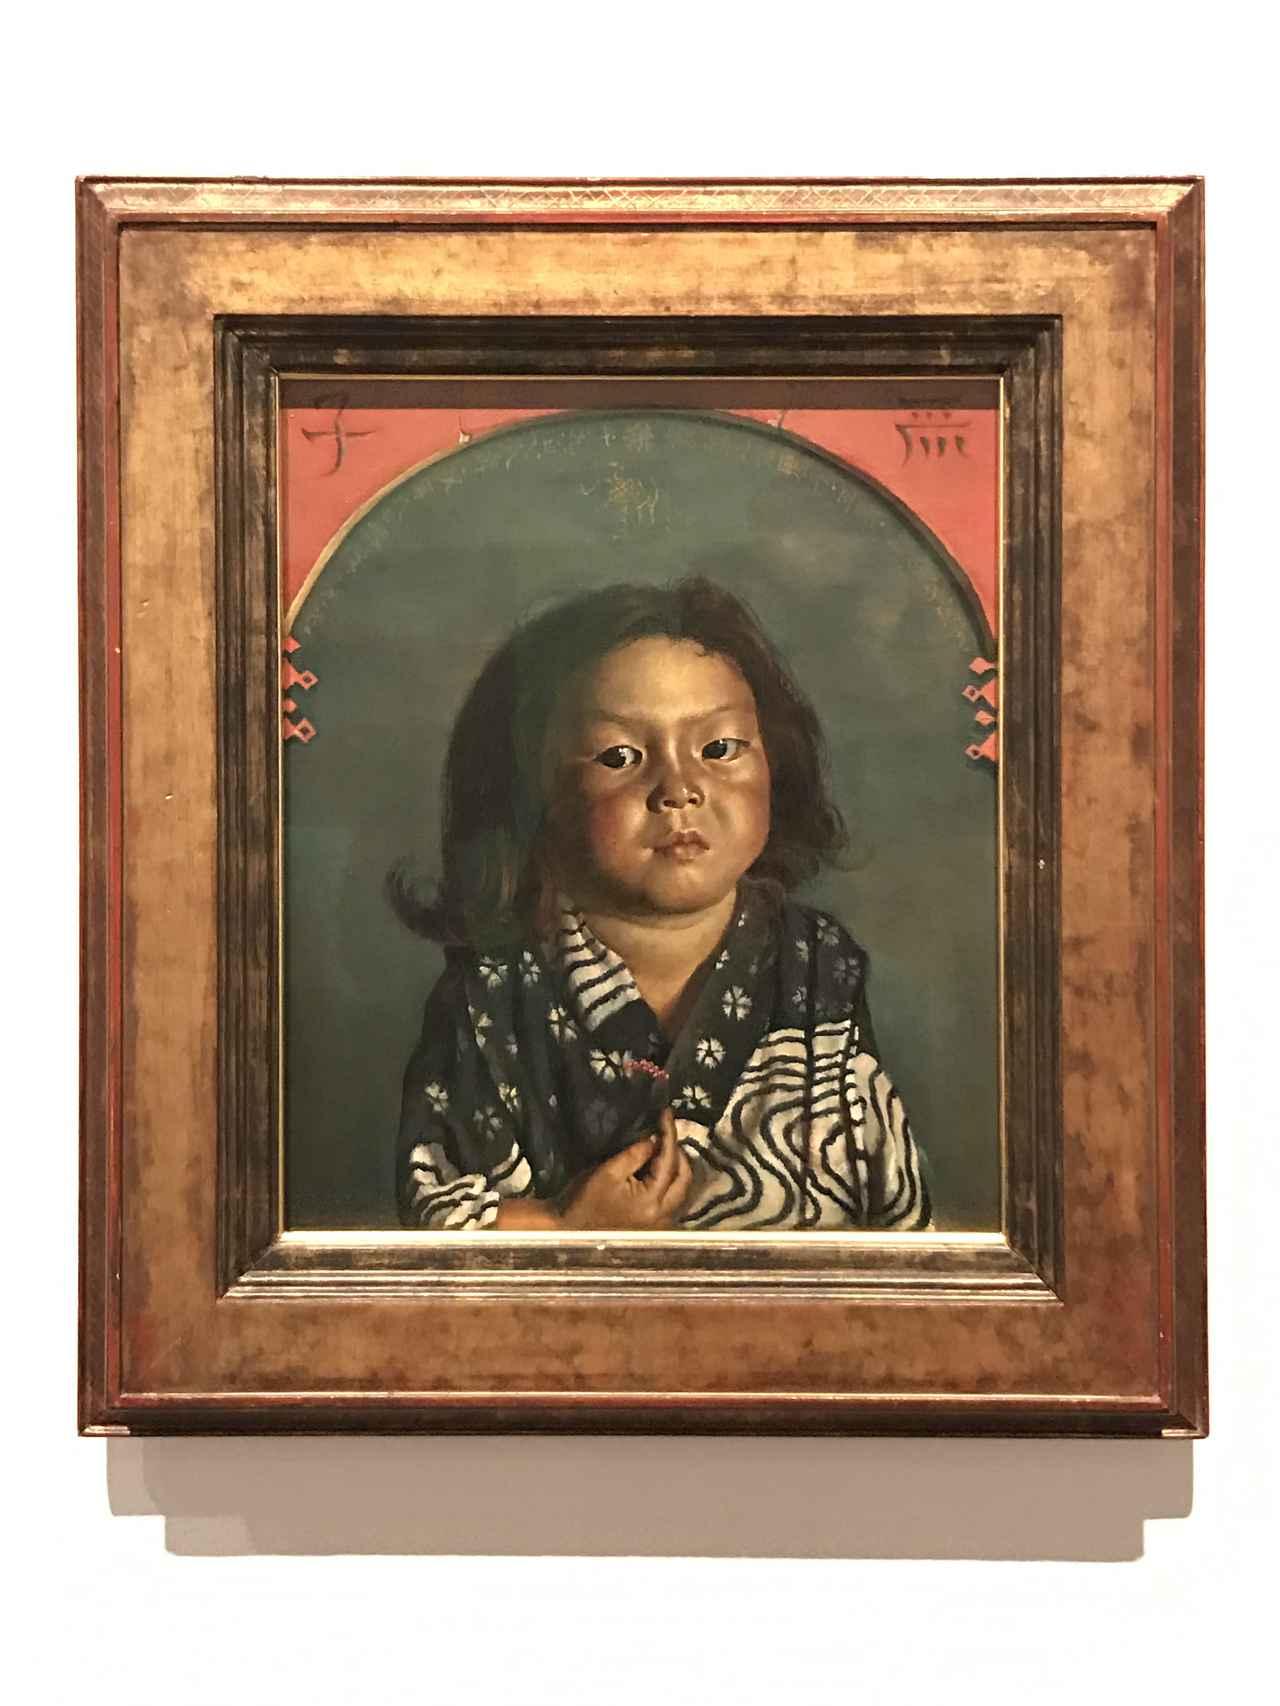 画像: 岸田劉生《麗子肖像(麗子五歳之像)》 1918 東京国立近代美術館 photo©saitomoichi